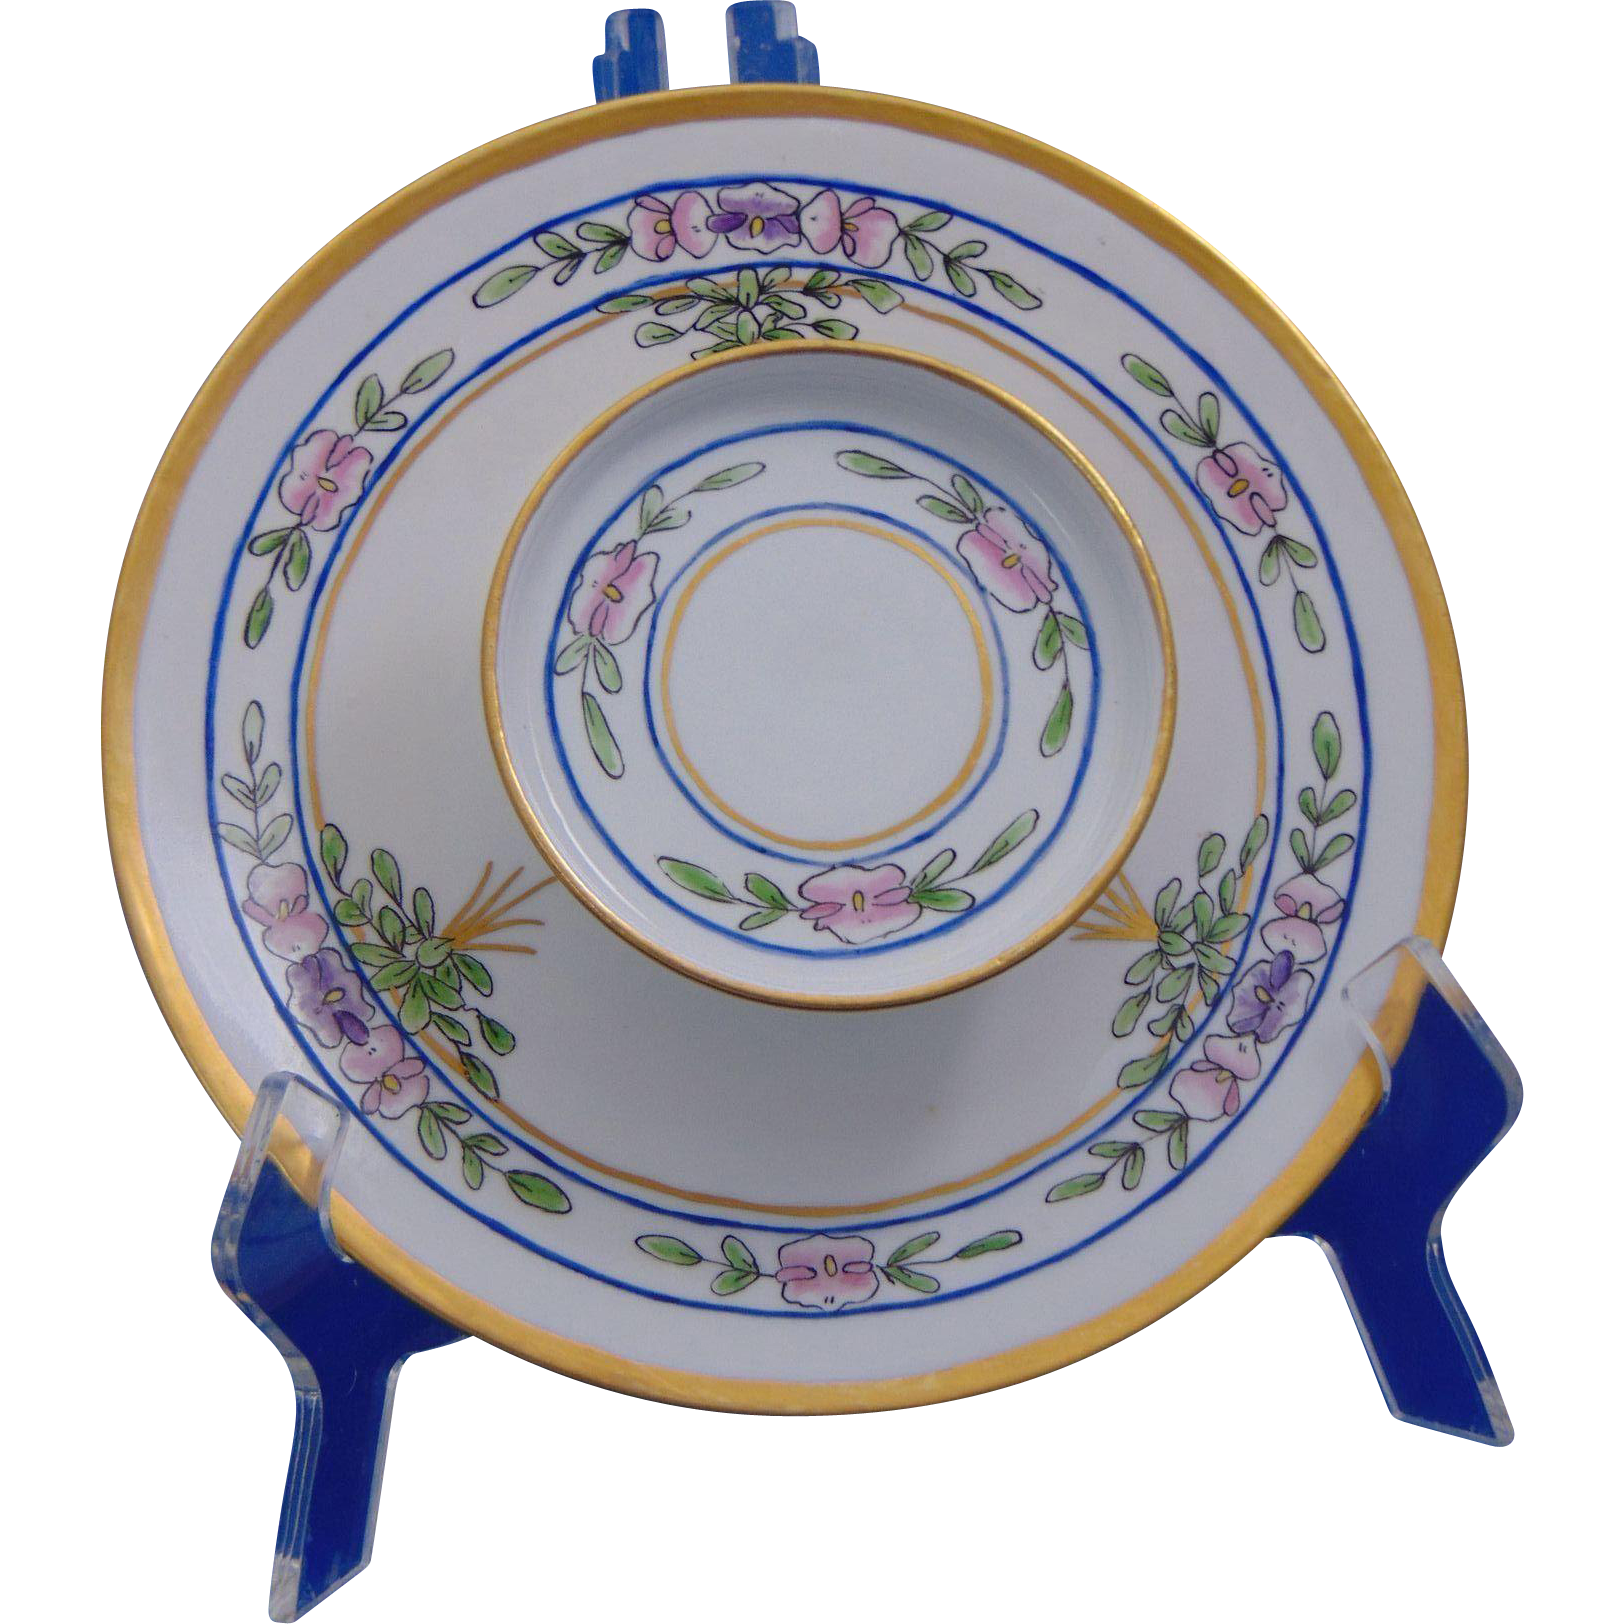 """Tressemann & Vogt (T&V) Limoges Arts & Crafts Pickard Studios Design Sweet Pea Motif Tiered Serving Plate (Signed """"M. Nagle""""/Dated 1919)"""